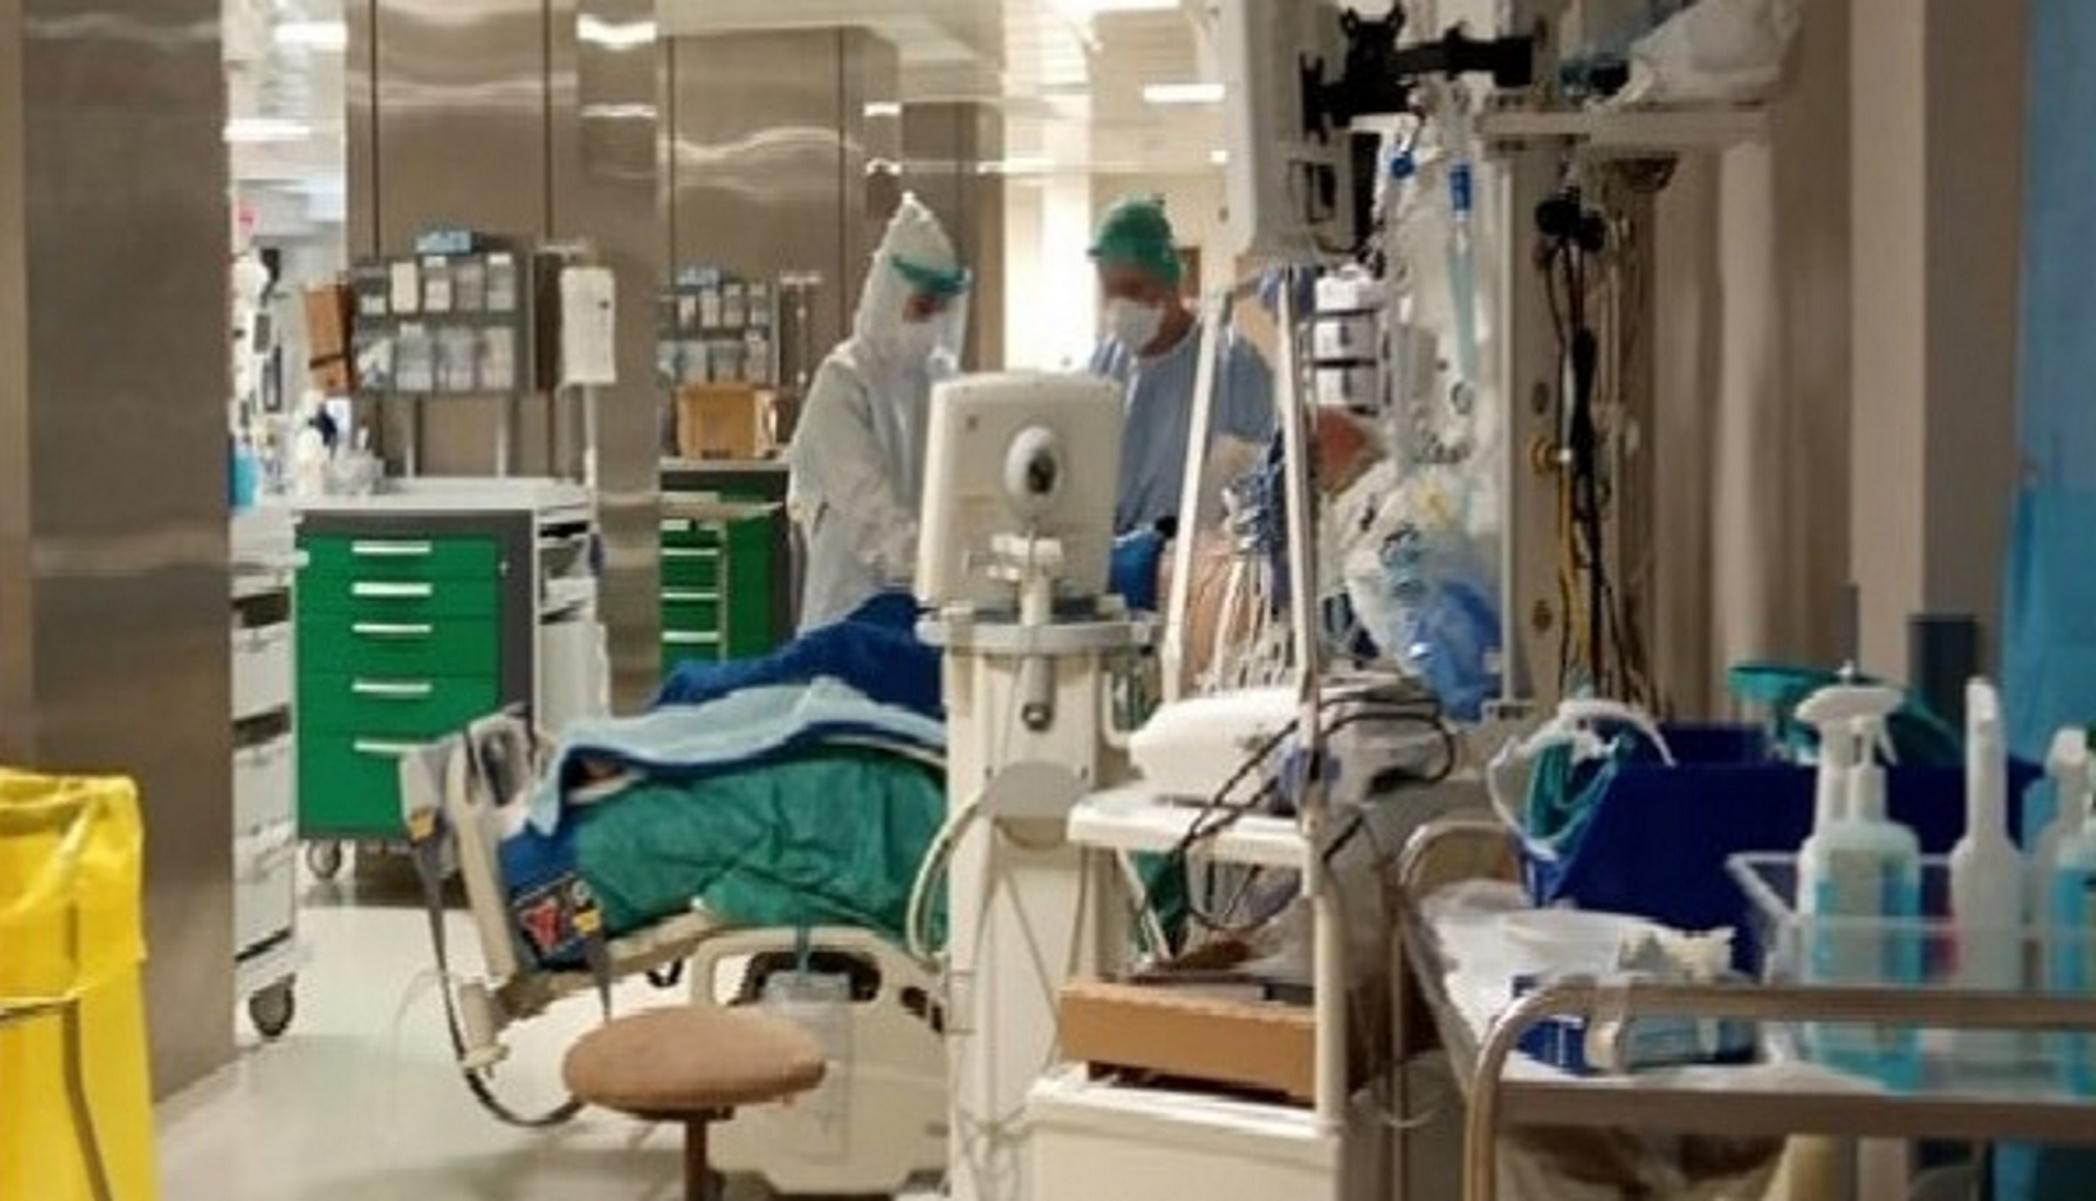 Κρήτη: Γεμίζουν οι κλινικές Covid του Ηρακλείου – Ασθενείς μεταφέρονται σε άλλα νοσοκομεία